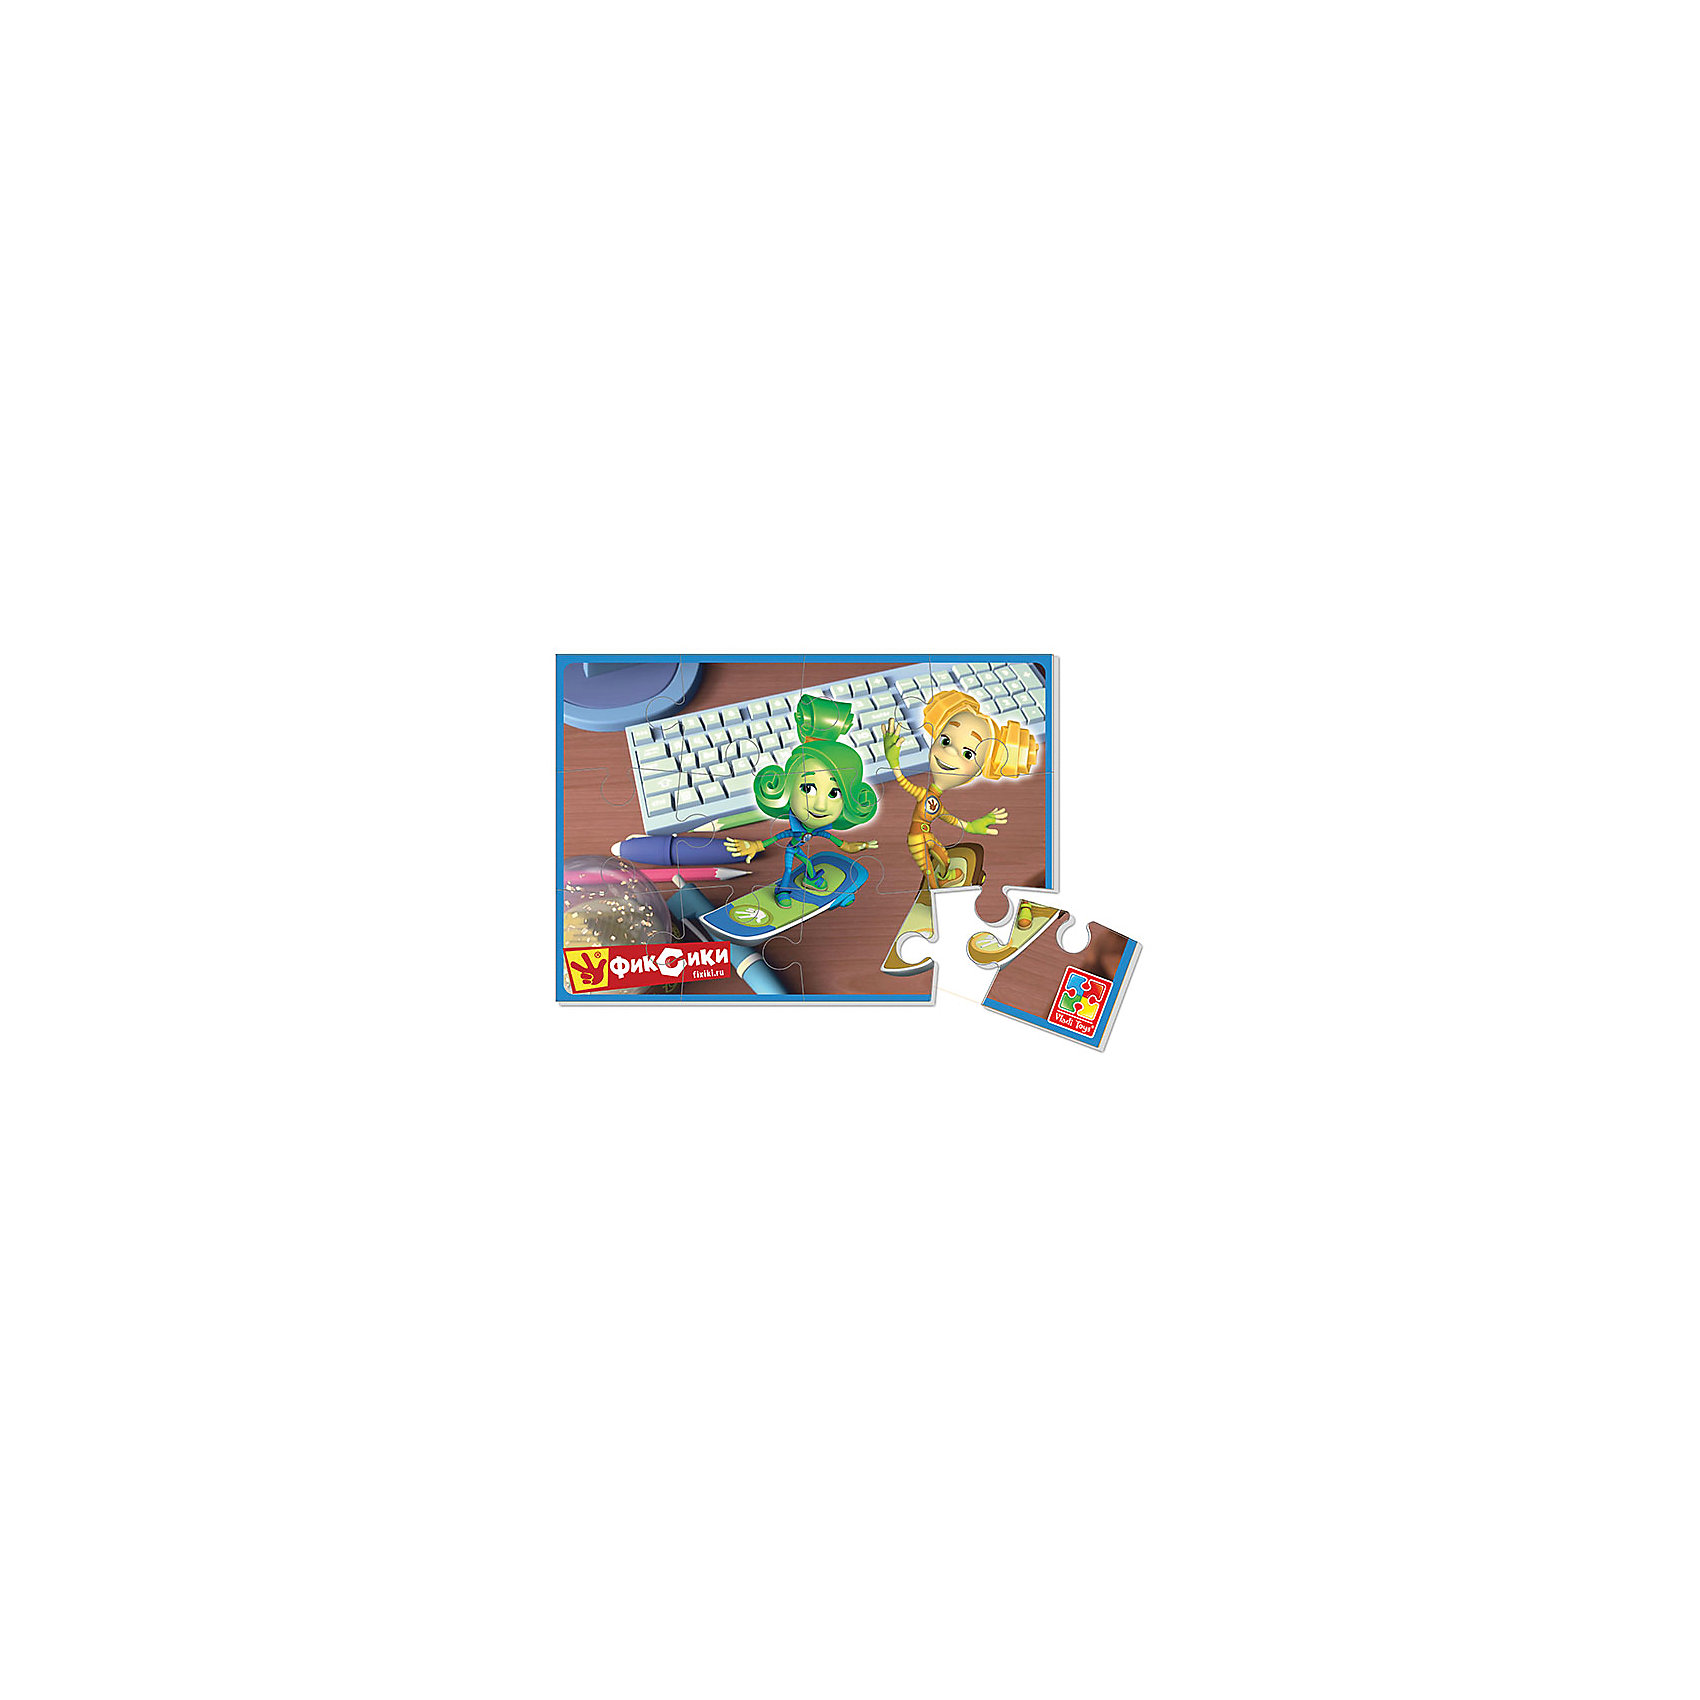 Мягкие пазлы  А5 Фиксики, Vladi ToysХарактеристики:<br><br>• Вид игр: развивающие<br>• Серия: пазлы-картинки<br>• Пол: универсальный<br>• Материал: полимер, картон<br>• Цвет: желтый, зеленый и др.<br>• Комплектация: 1 пазл из 12-ти элементов<br>• Размеры (Д*Ш*В): 18*4*28,5 см<br>• Тип упаковки: картонная коробка<br>• Вес: 20 г<br><br>Мягкие пазлы А5 Фиксики, Vladi Toys, производителем которых является компания, специализирующаяся на выпуске развивающих игр, давно уже стали популярными среди аналогичной продукции. Мягкие пазлы – идеальное решение для развивающих занятий с самыми маленькими детьми, так как они разделены на большие элементы с крупными изображениями, чаще всего в качестве картинок используются герои популярных мультсериалов. Самое важное в пазле для малышей – это минимум деталей и безопасность элементов. Все используемые в производстве материалы являются экологически безопасными, не вызывают аллергии, не имеют запаха. Пазл Фиксики, Vladi Toys представляет собой сюжетную картинку размером А5, которая состоит из 12-и крупных элементов с изображениями Верты и Шпули из мультфильма Фиксики. <br>Занятия с мягкими пазлами Фиксики, Vladi Toys способствуют развитию не только мелкой моторики, но и внимательности, усидчивости, терпению при достижении цели. Кроме того, по собранной картинке можно составлять рассказ, что позволит развивать речевые навыки, память и воображение.<br><br>Мягкие пазлы А5 Фиксики, Vladi Toys можно купить в нашем интернет-магазине.<br><br>Ширина мм: 180<br>Глубина мм: 4<br>Высота мм: 285<br>Вес г: 20<br>Возраст от месяцев: 24<br>Возраст до месяцев: 60<br>Пол: Унисекс<br>Возраст: Детский<br>SKU: 5136071